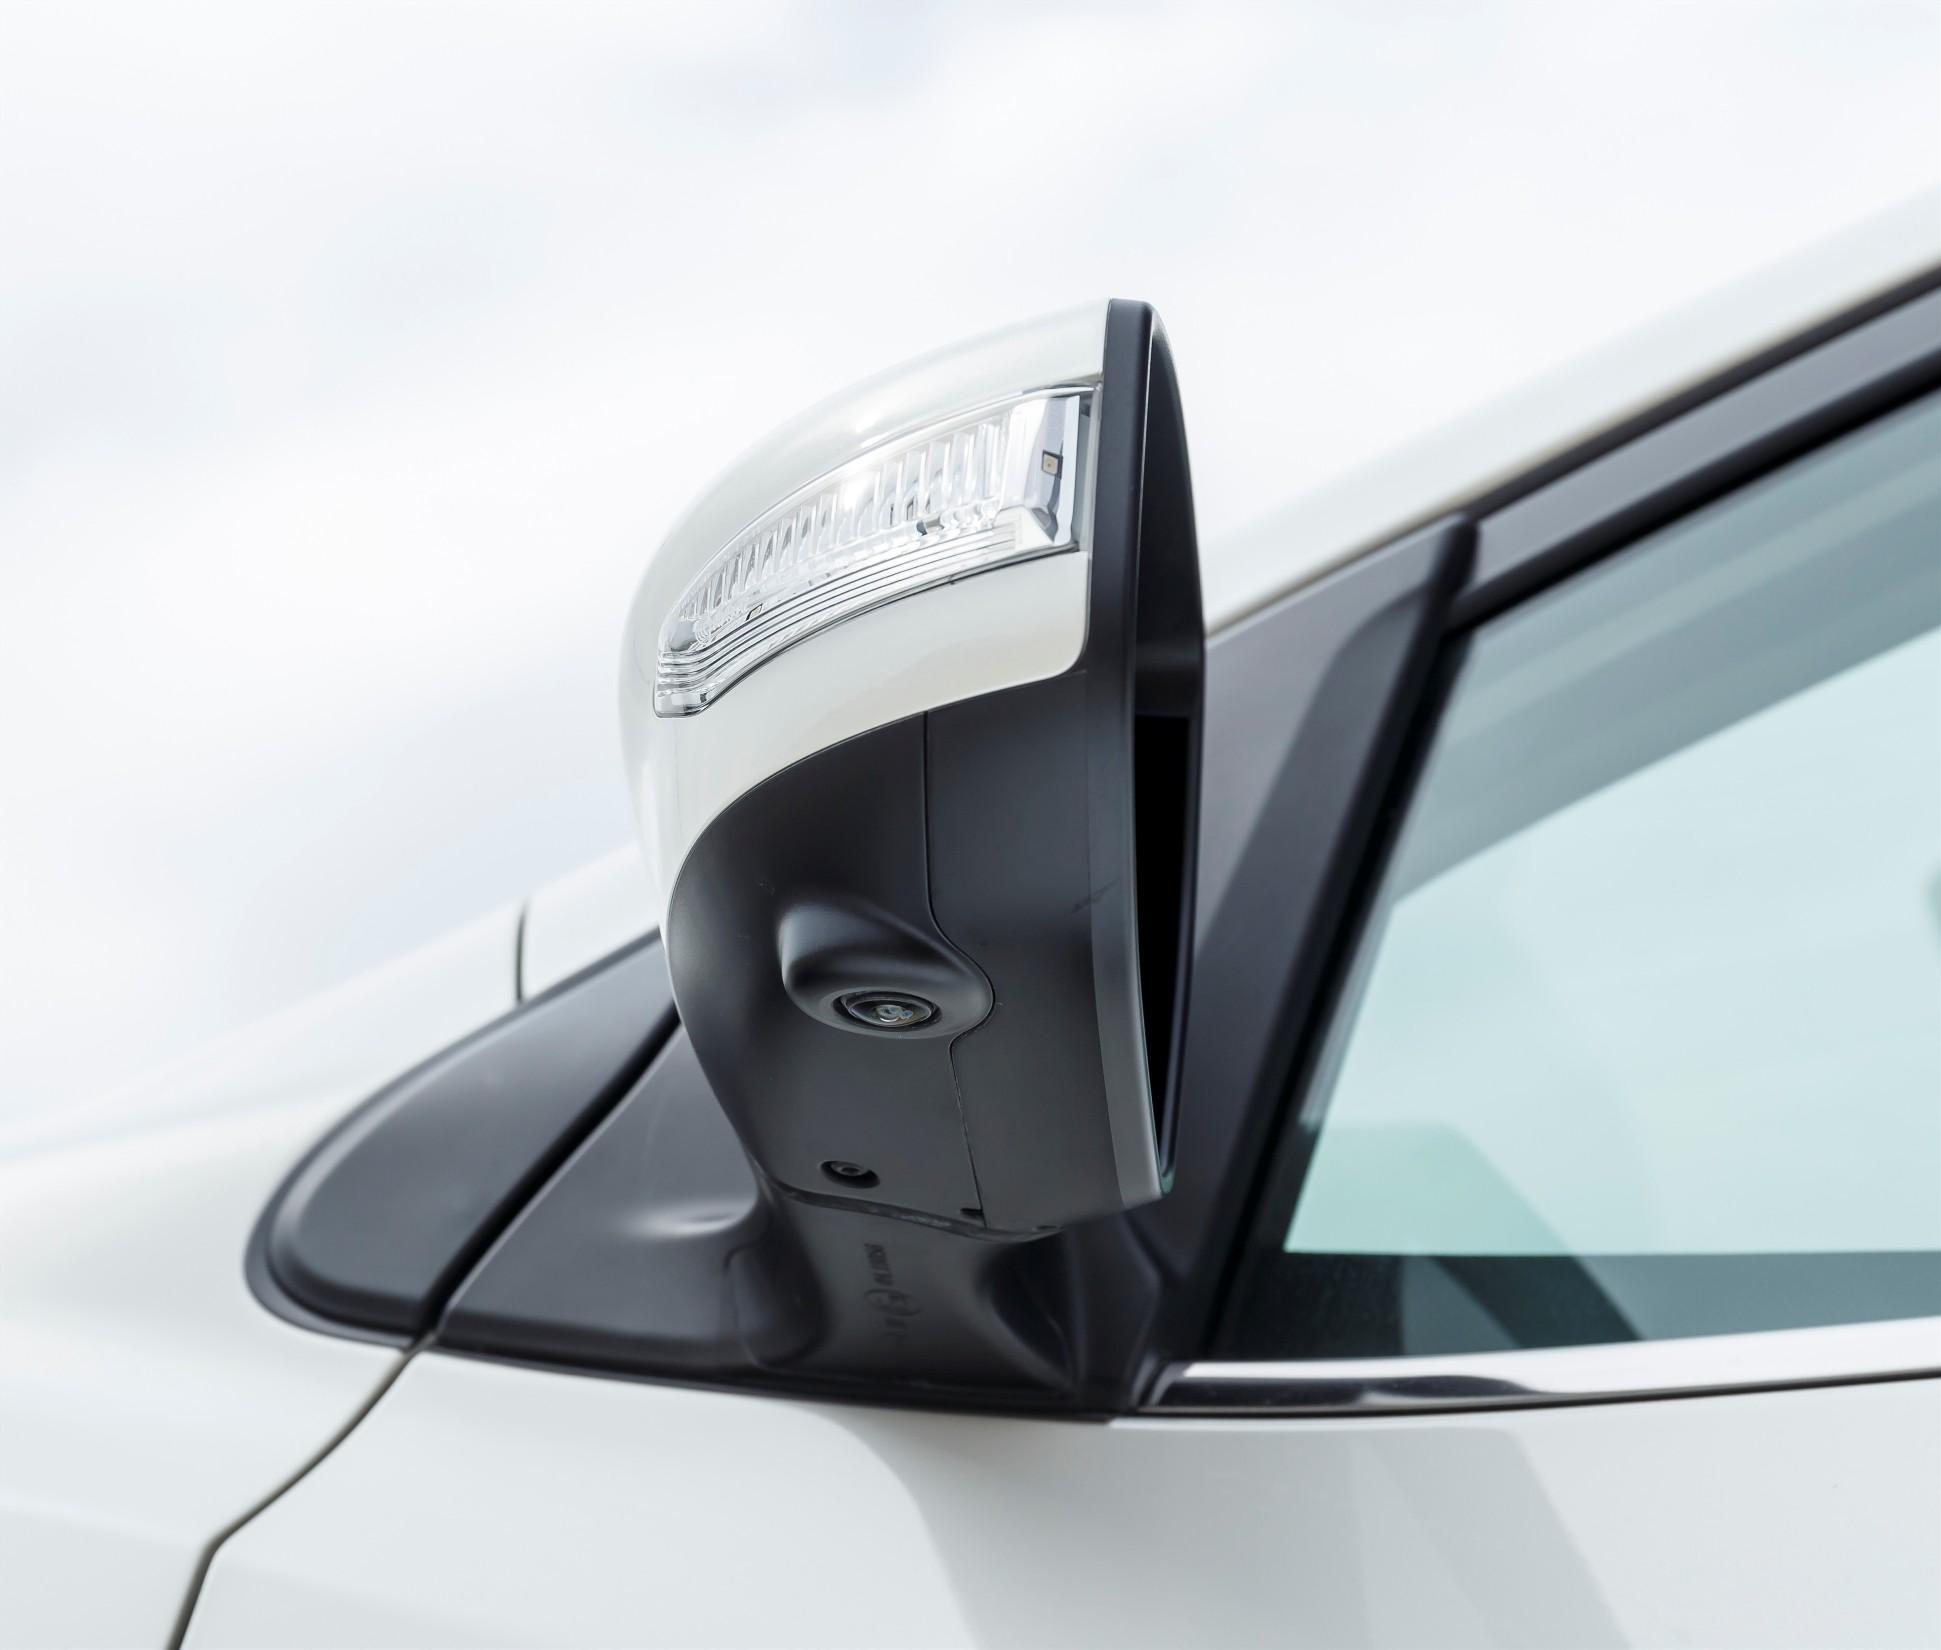 Caméra de la Nissan Pulsar situé dans le rétroviseur extérieur